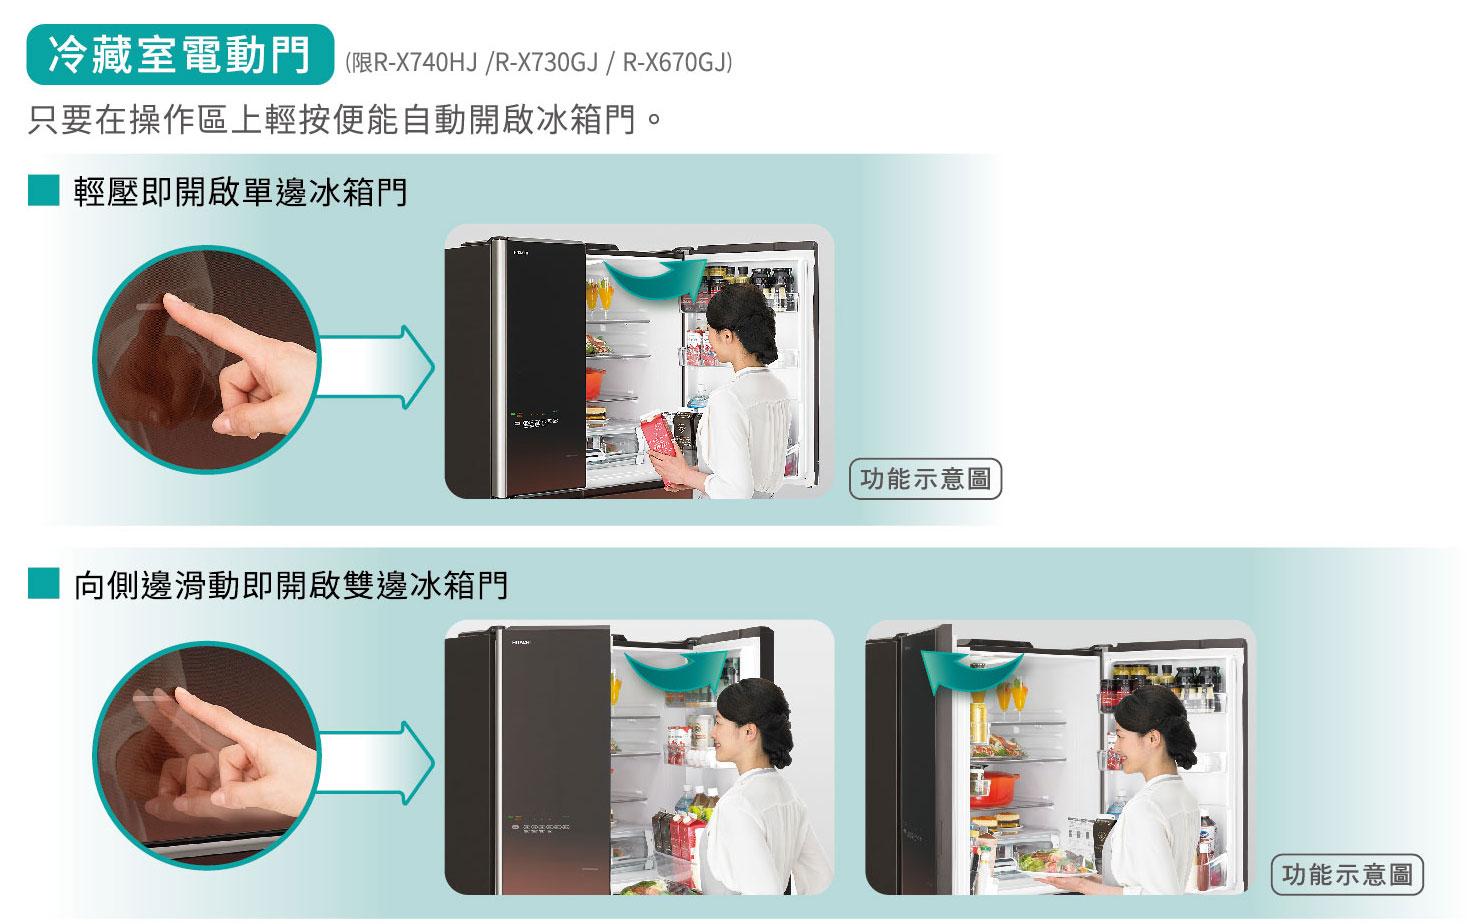 冷藏室觸控式自動雙開門